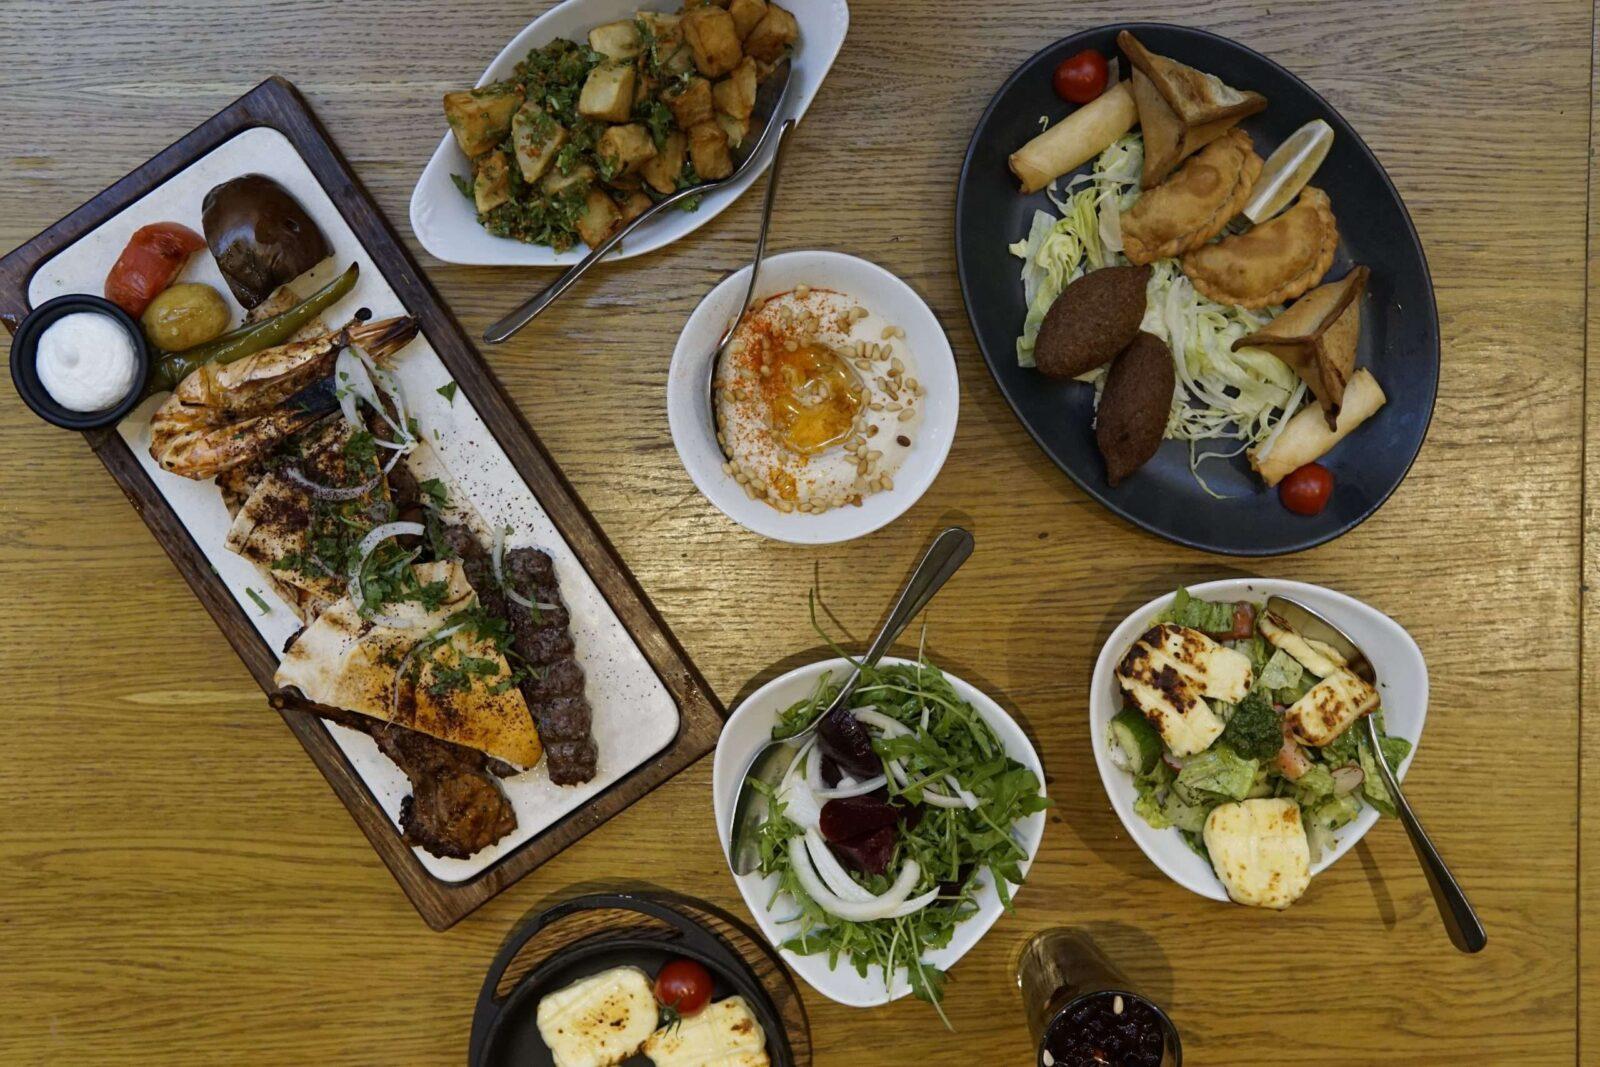 Abd El Wahab Food on the table